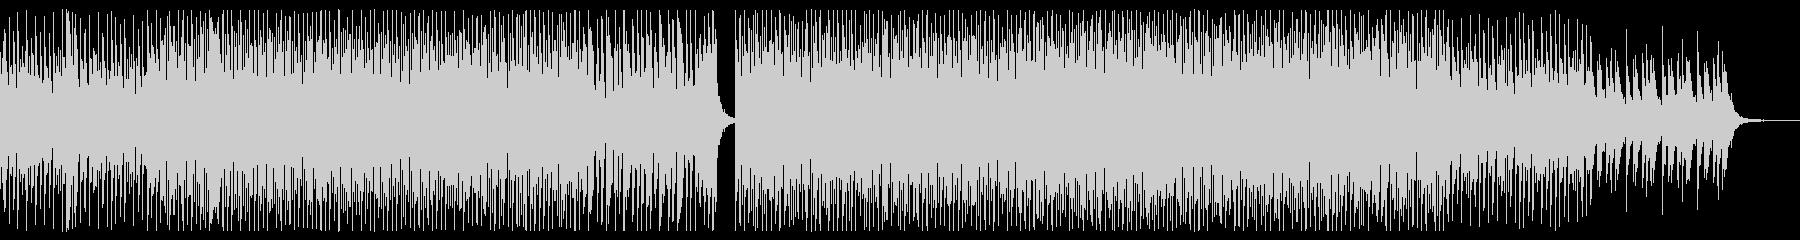 平成初期を連想させる定番ディスコサウンドの未再生の波形